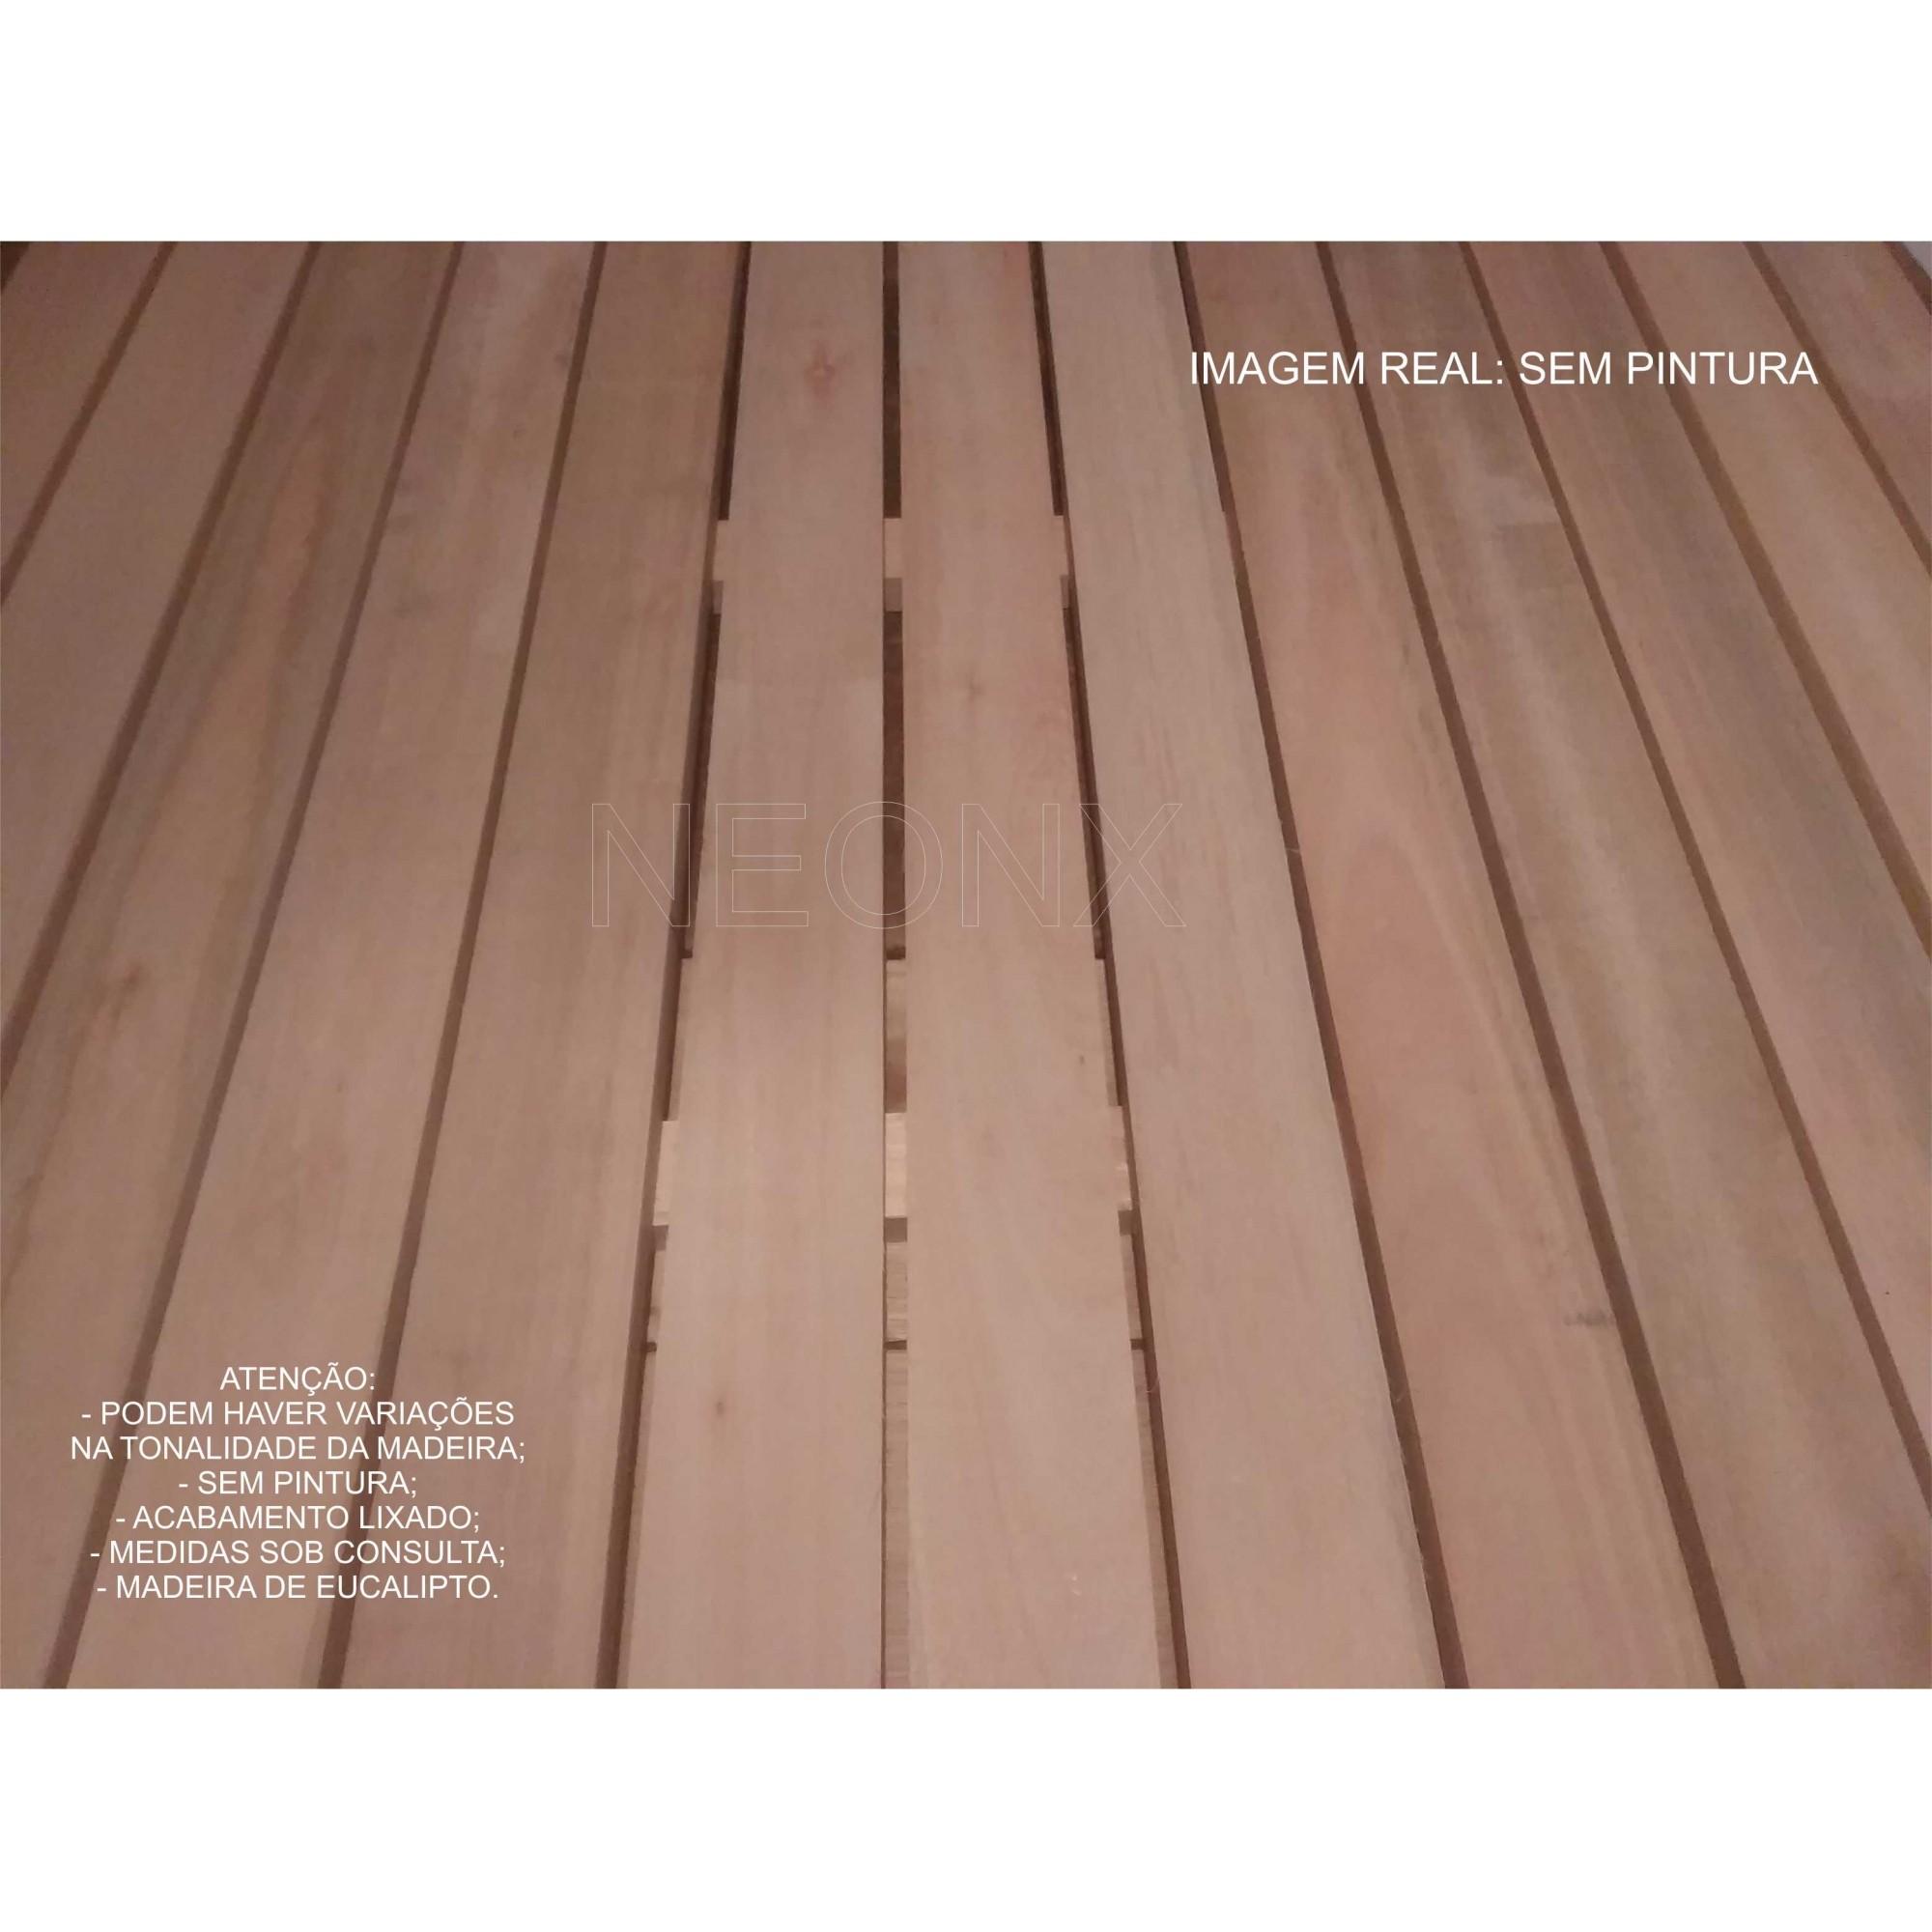 Deck De Madeira Modular 100x100cm Réguas 7 cm Neonx